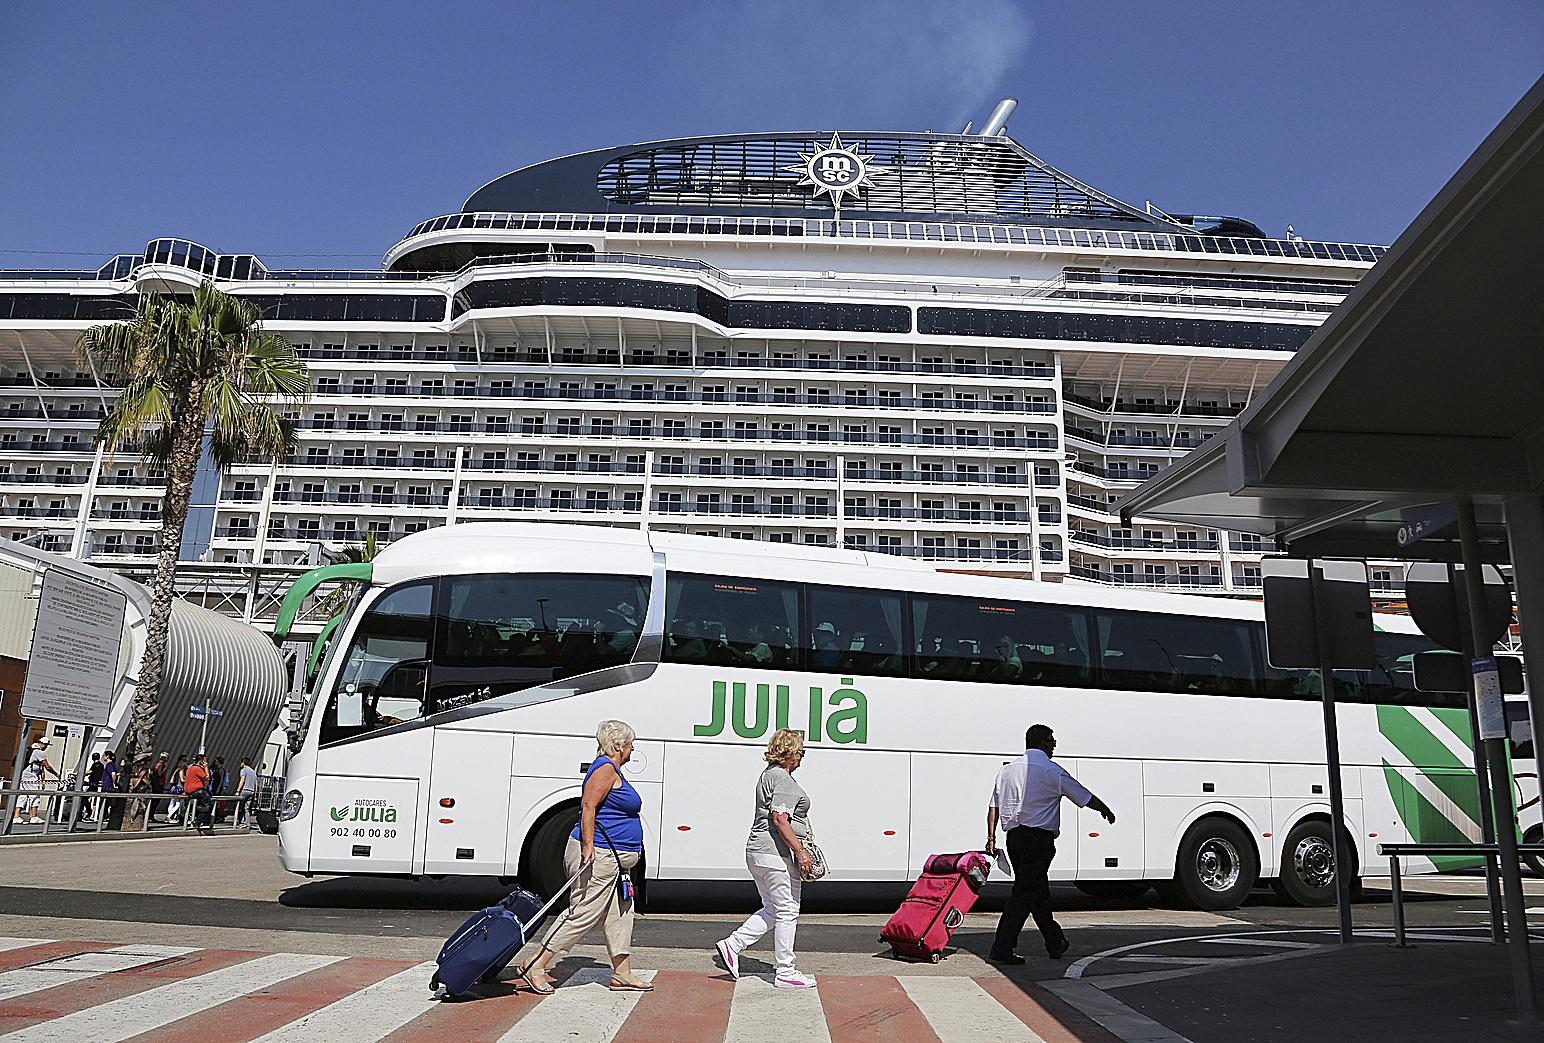 Un autocar de Julià, recogiendo turistas en el puerto de Barcelona en una imagen del año 2017, antesde la pandemia